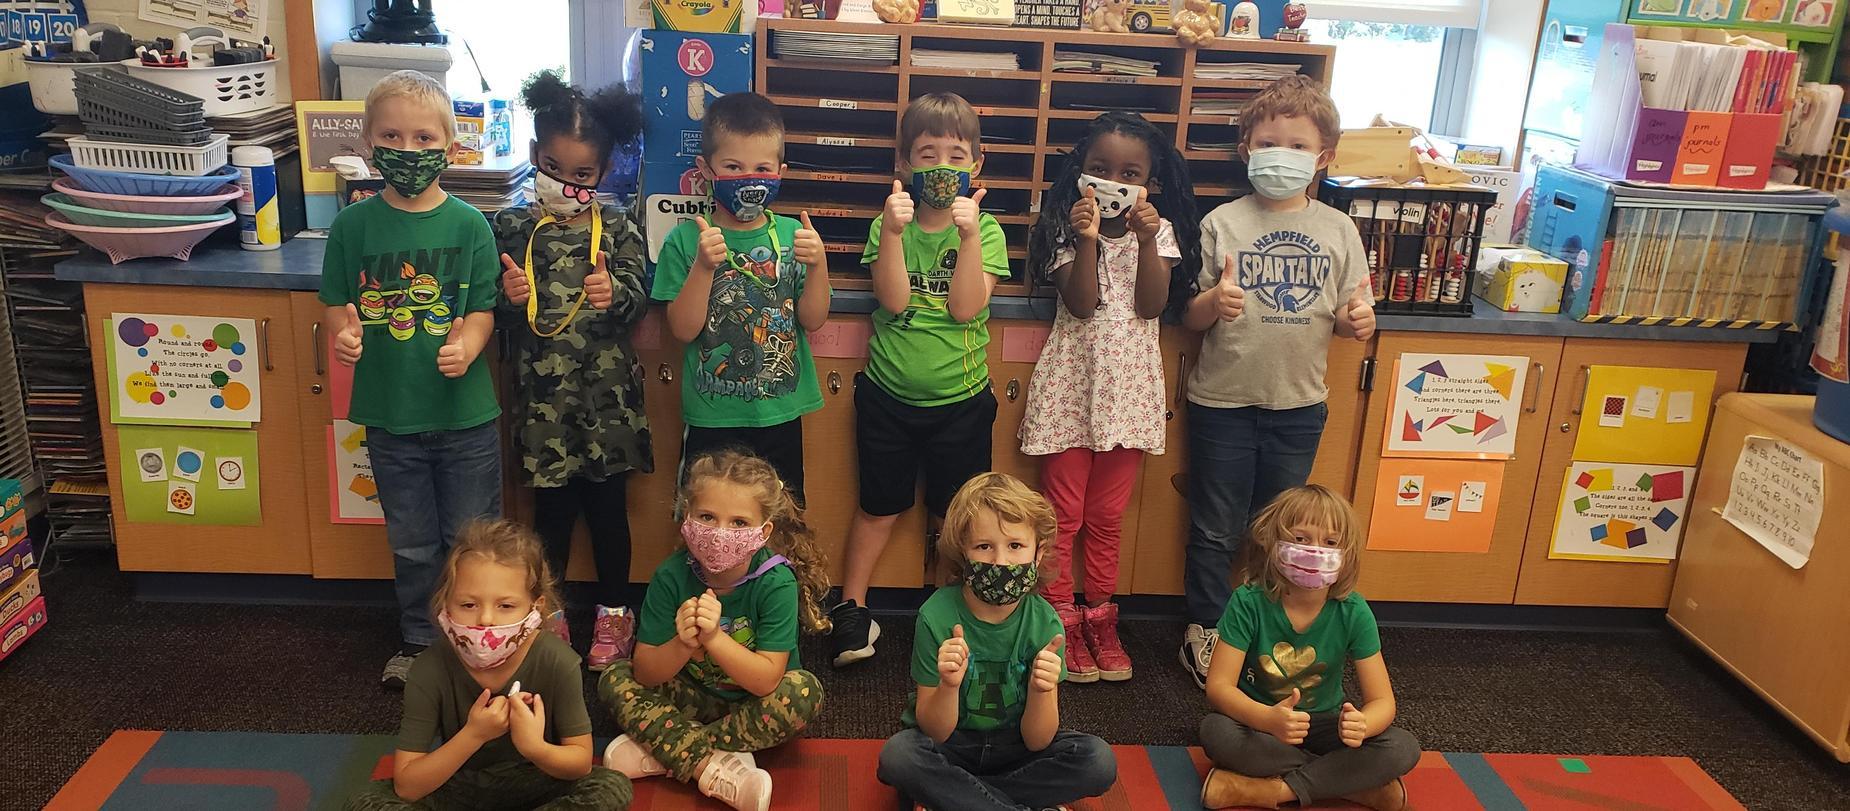 kindergarten students wearing green